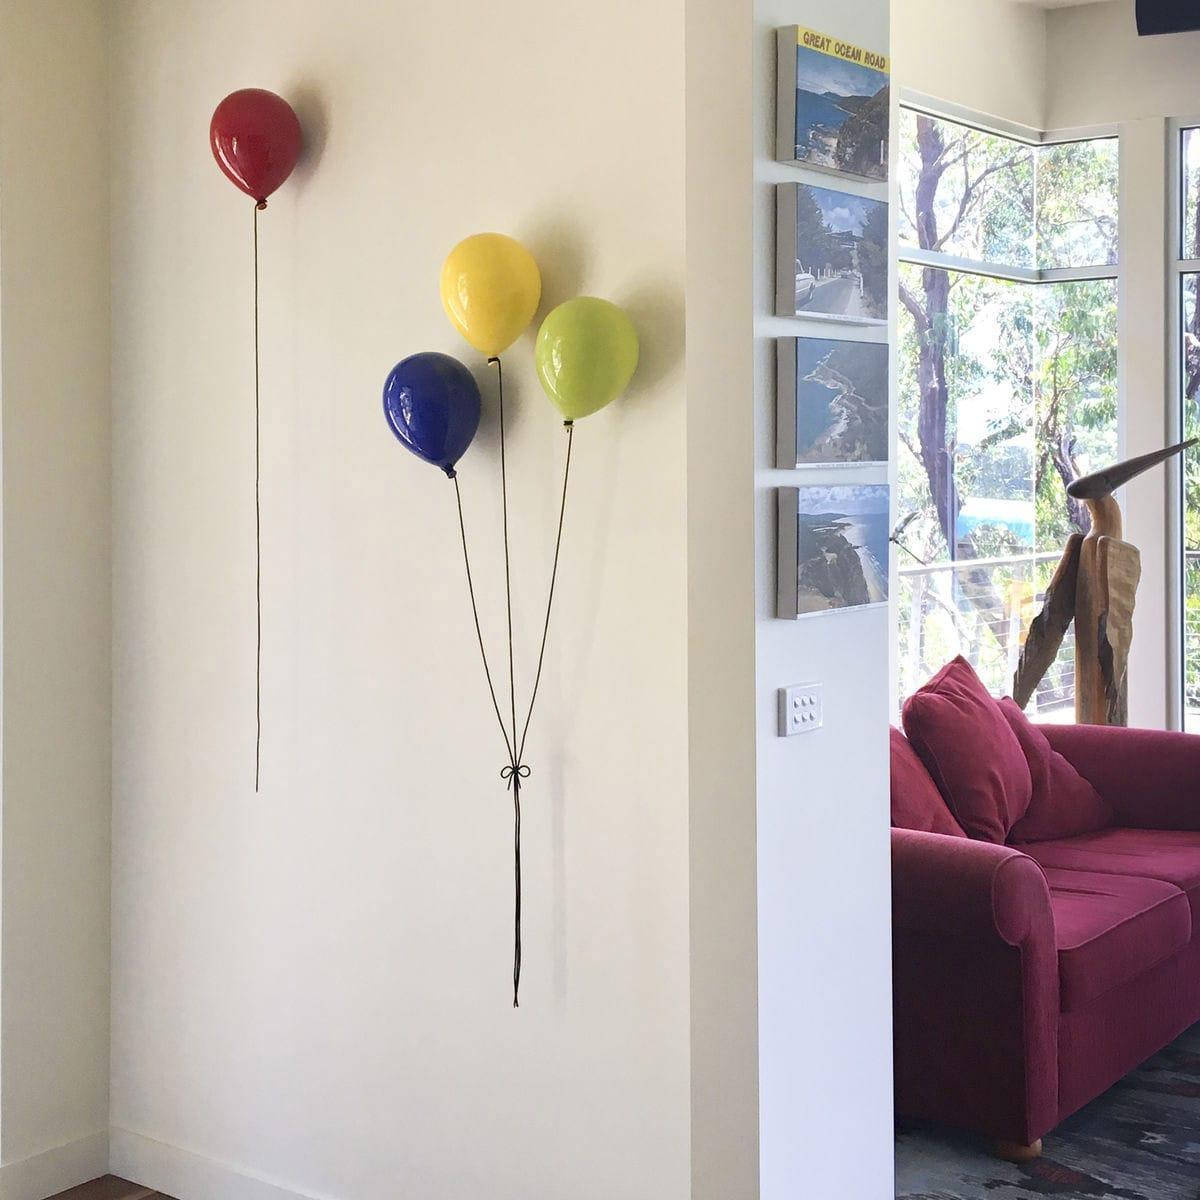 Palloncino decorativo in ceramica Balloon blu, giallo, rosso e verde su parete